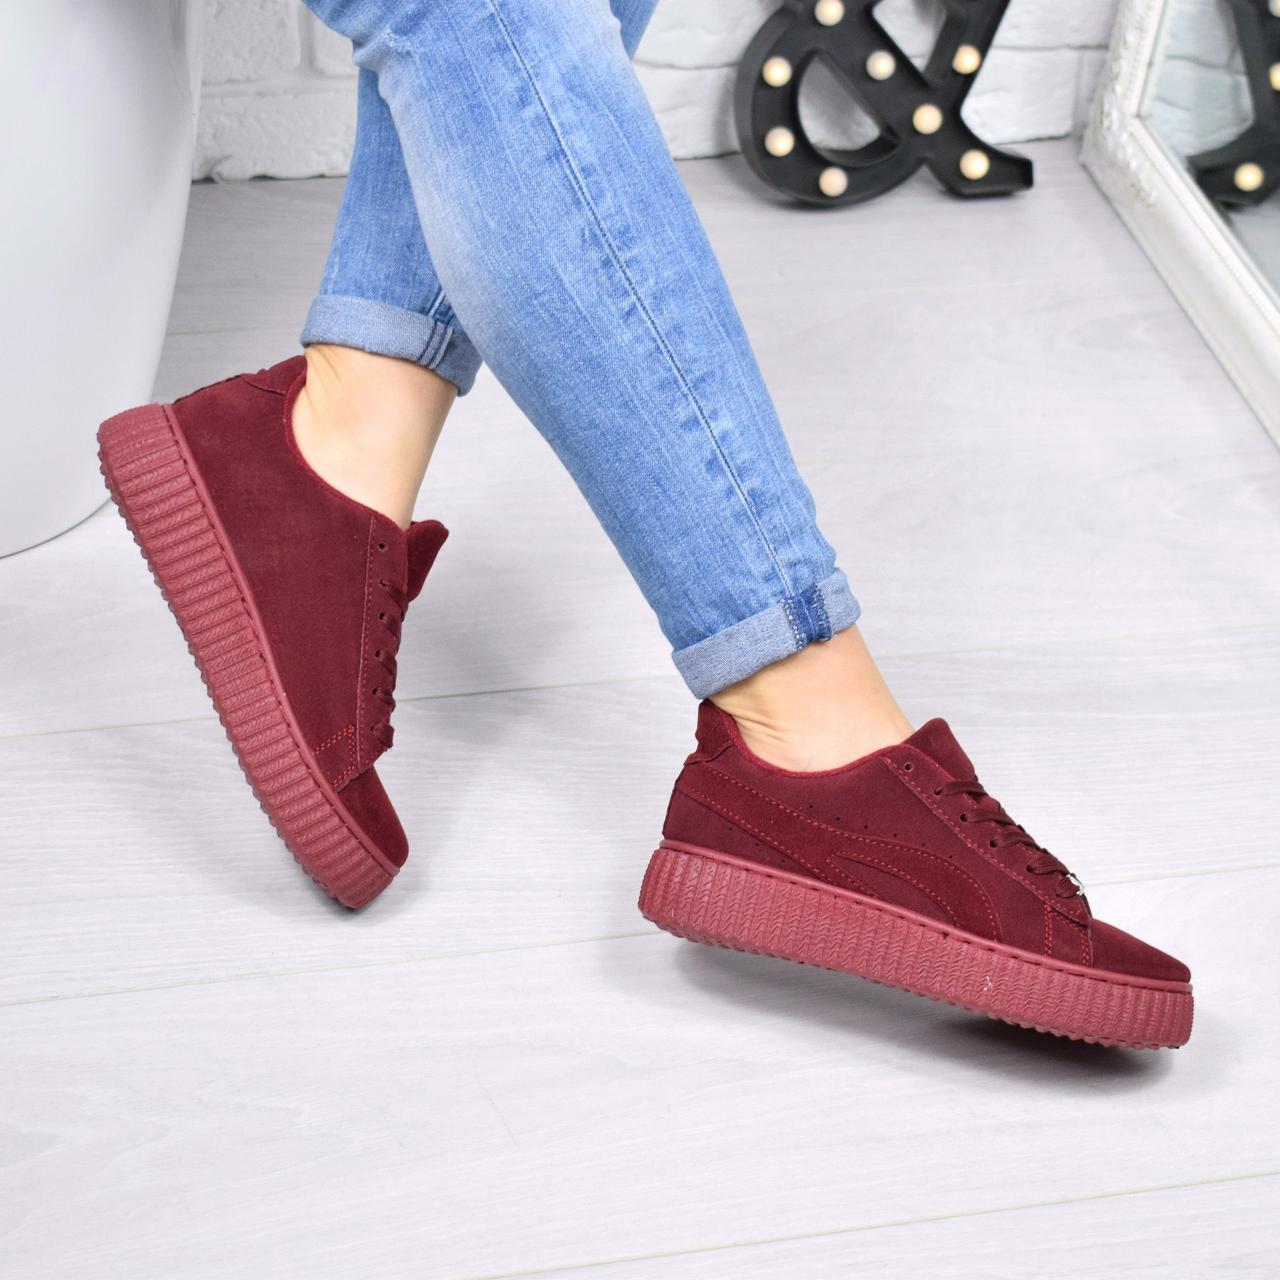 9ddd6e1786c1 Кроссовки криперы Perms бордо , женская обувь - Интернет-магазин